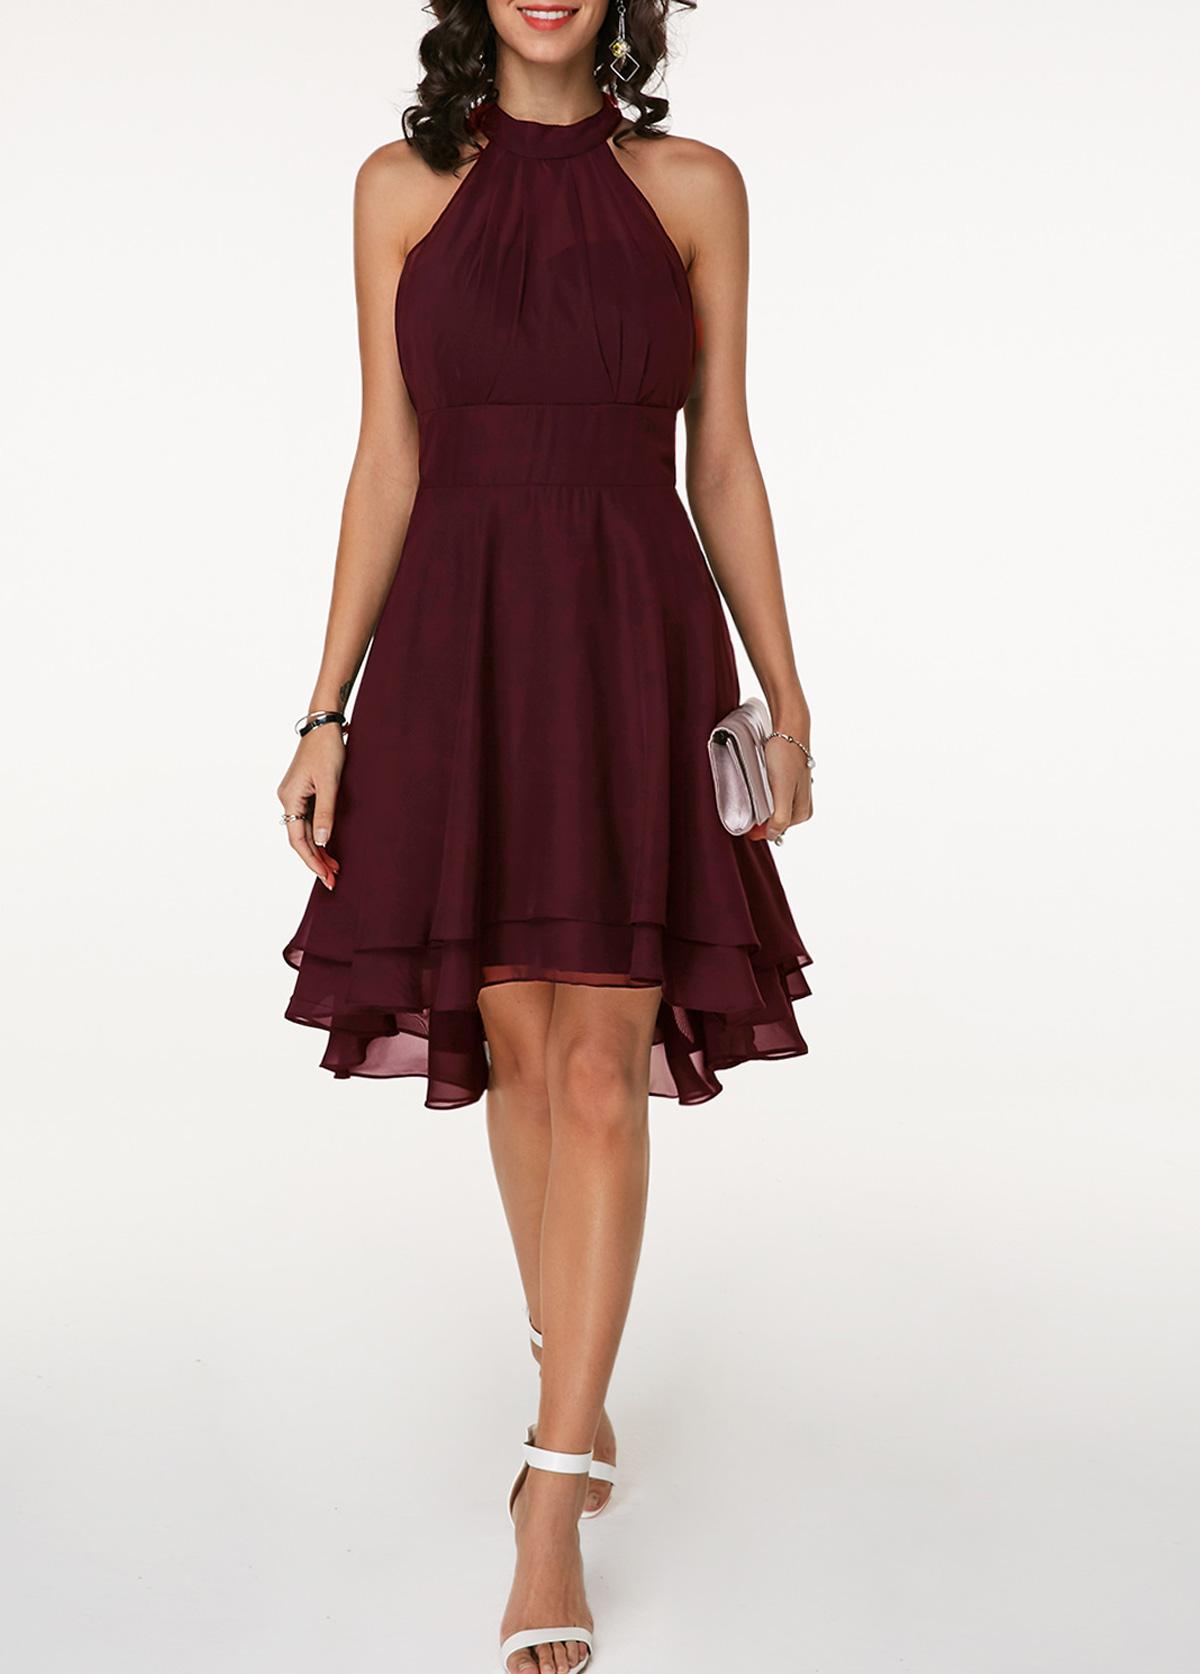 Asymmetric Hem High Waist Sleeveless Chiffon Dress